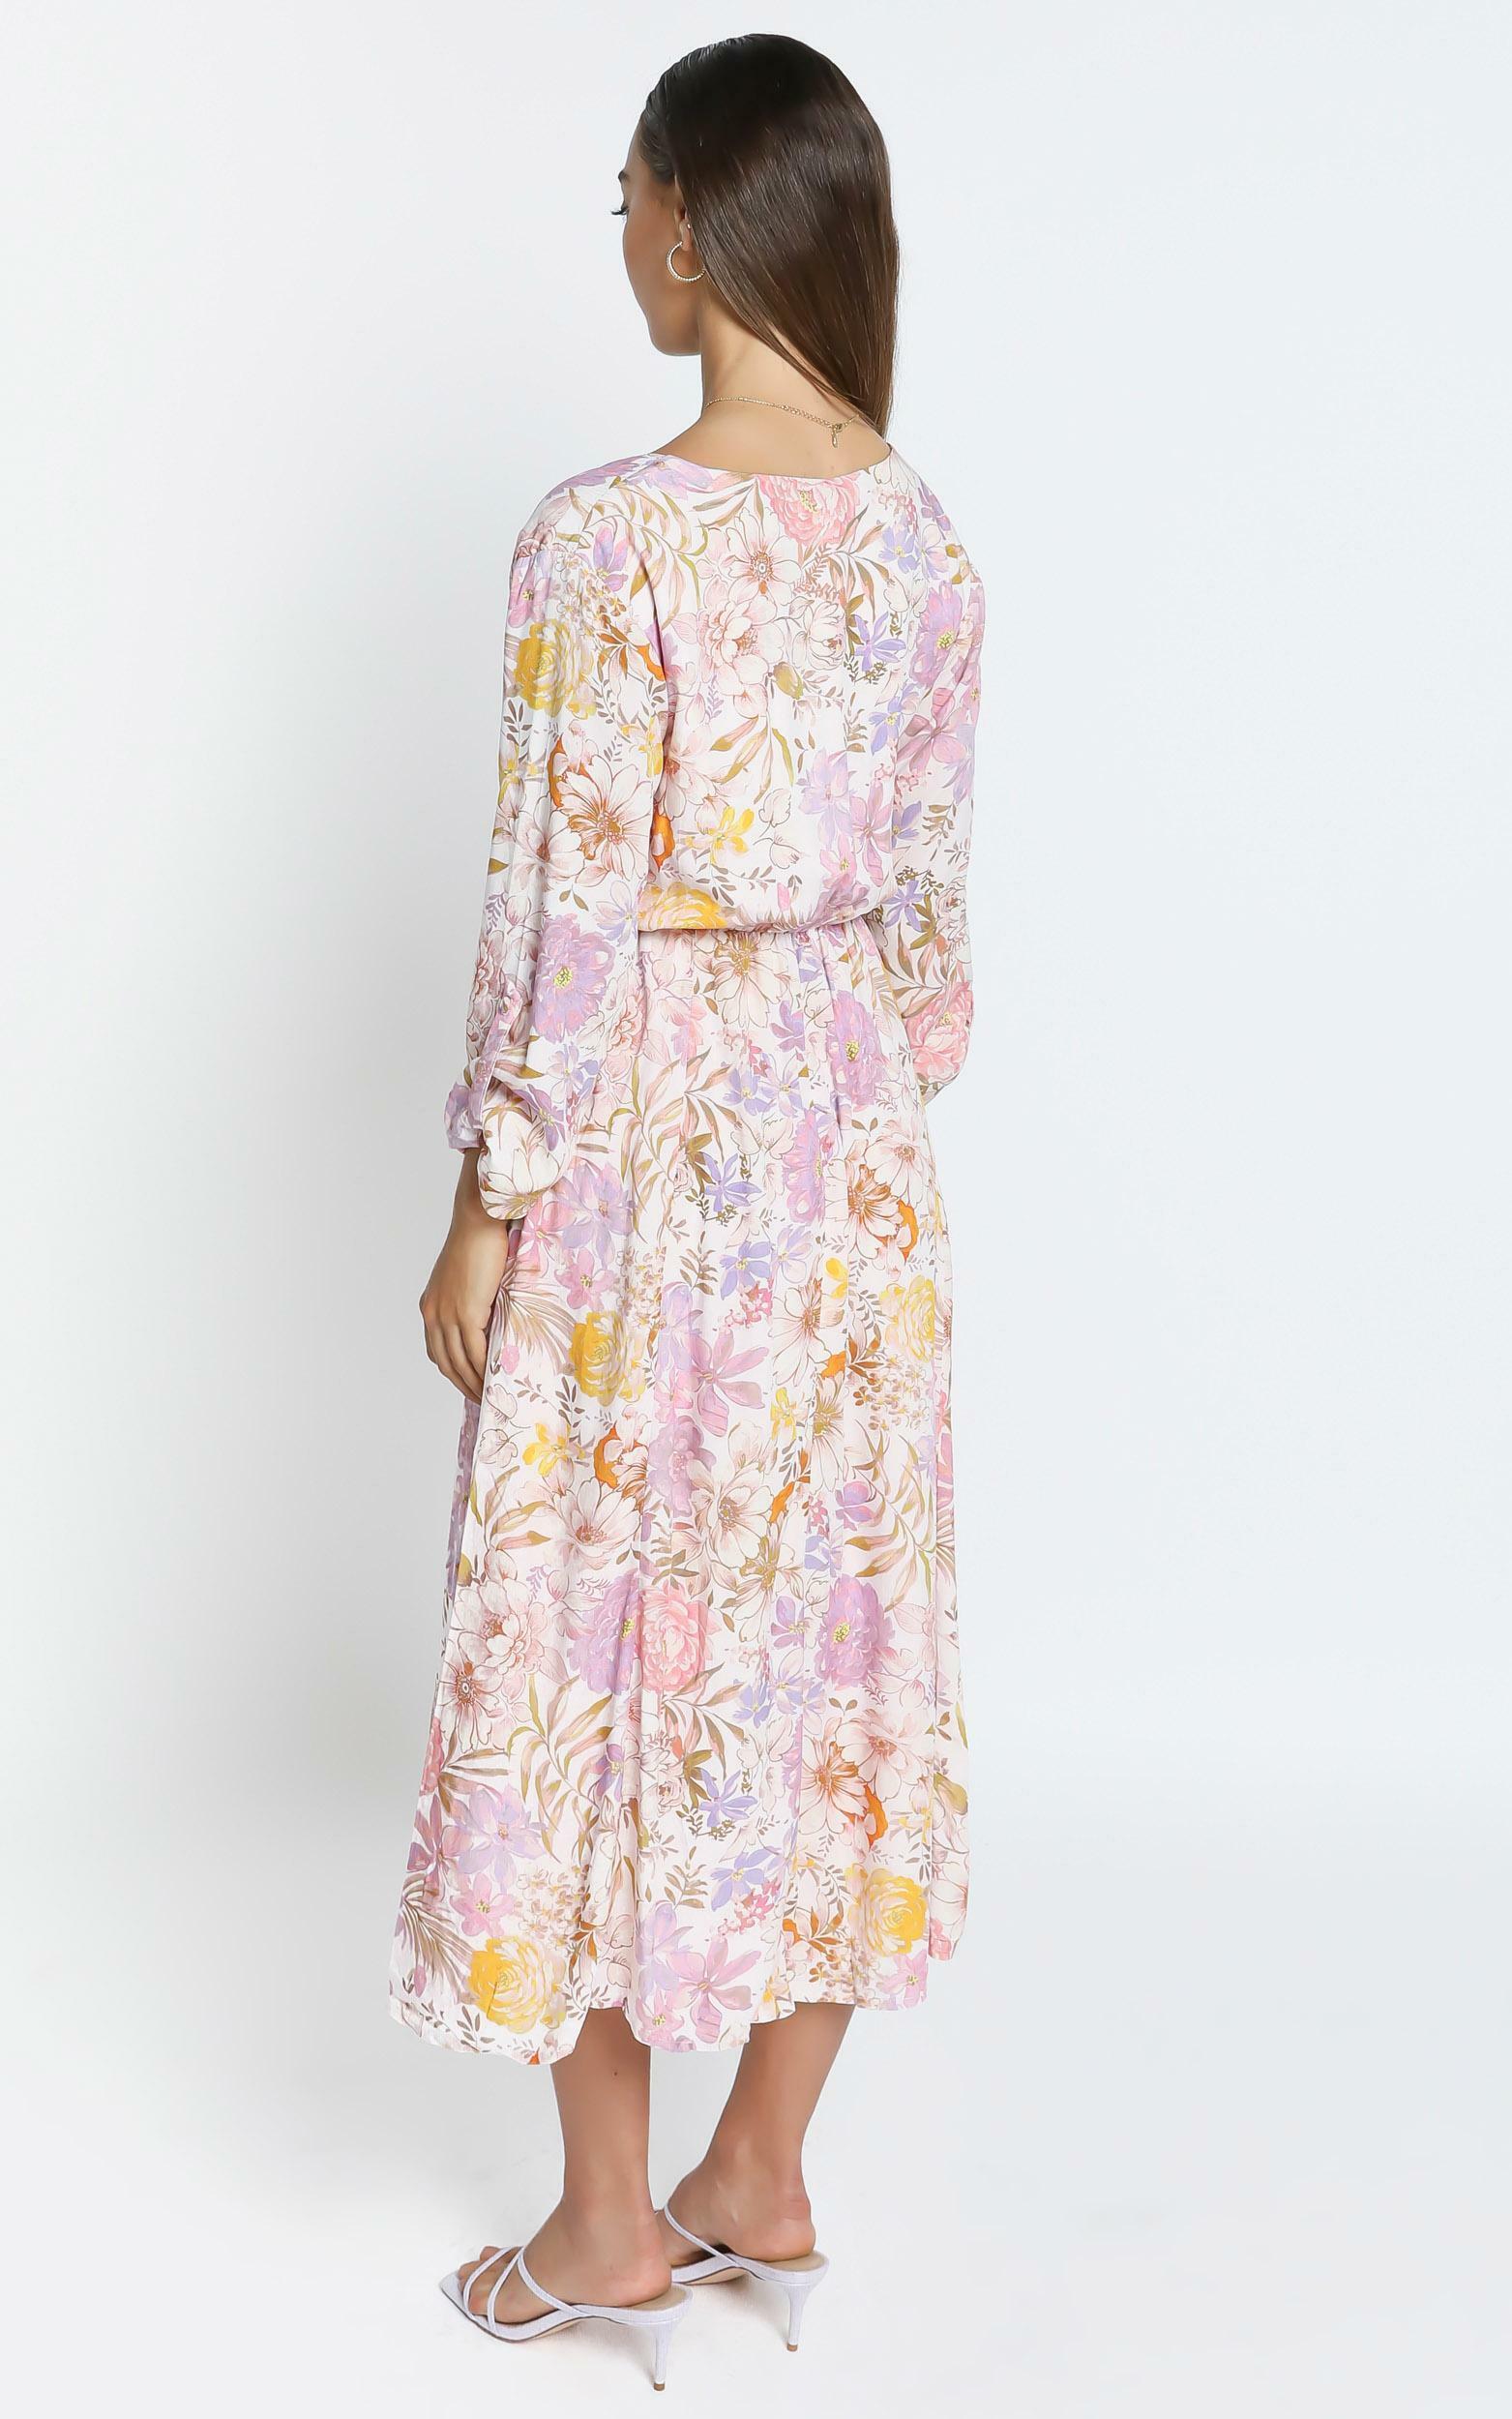 Kirrily Dress in Vintage Floral - 6 (XS), Multi, hi-res image number null